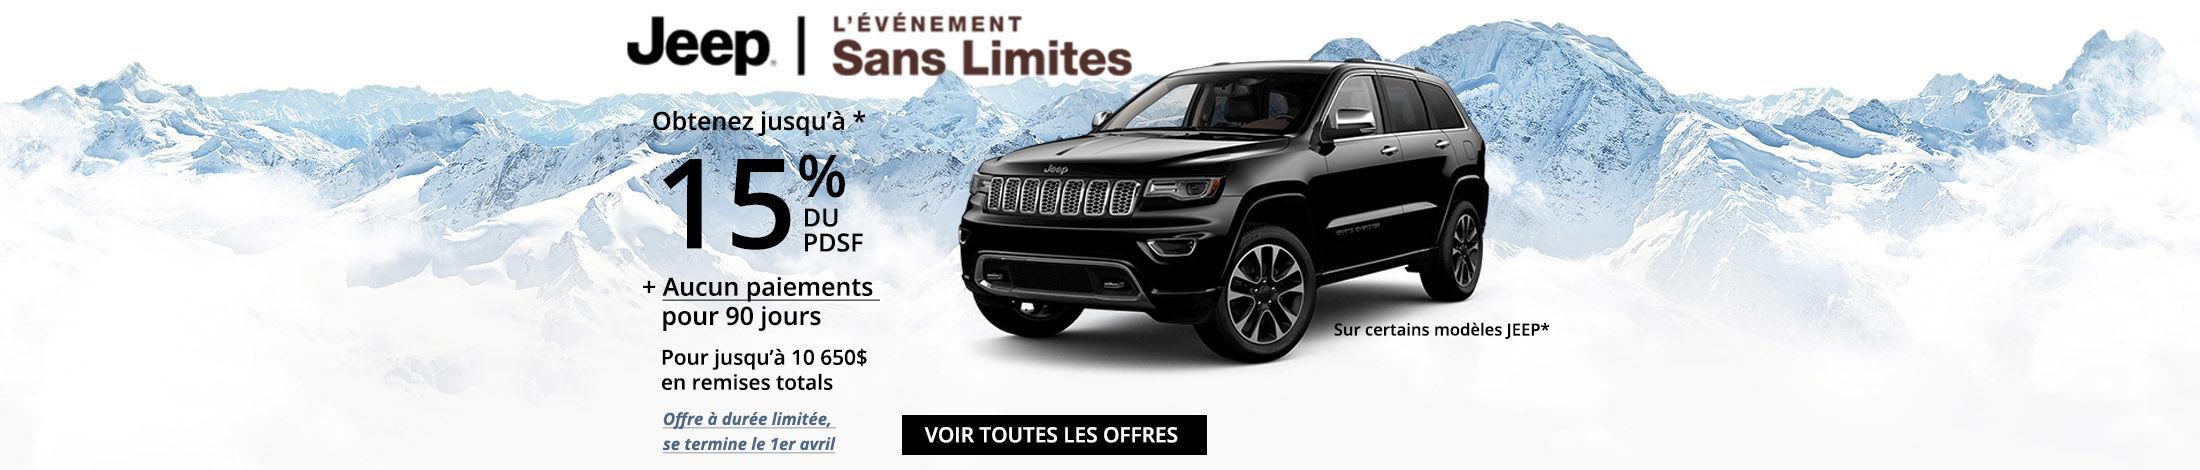 Jeep l'événement sans limites